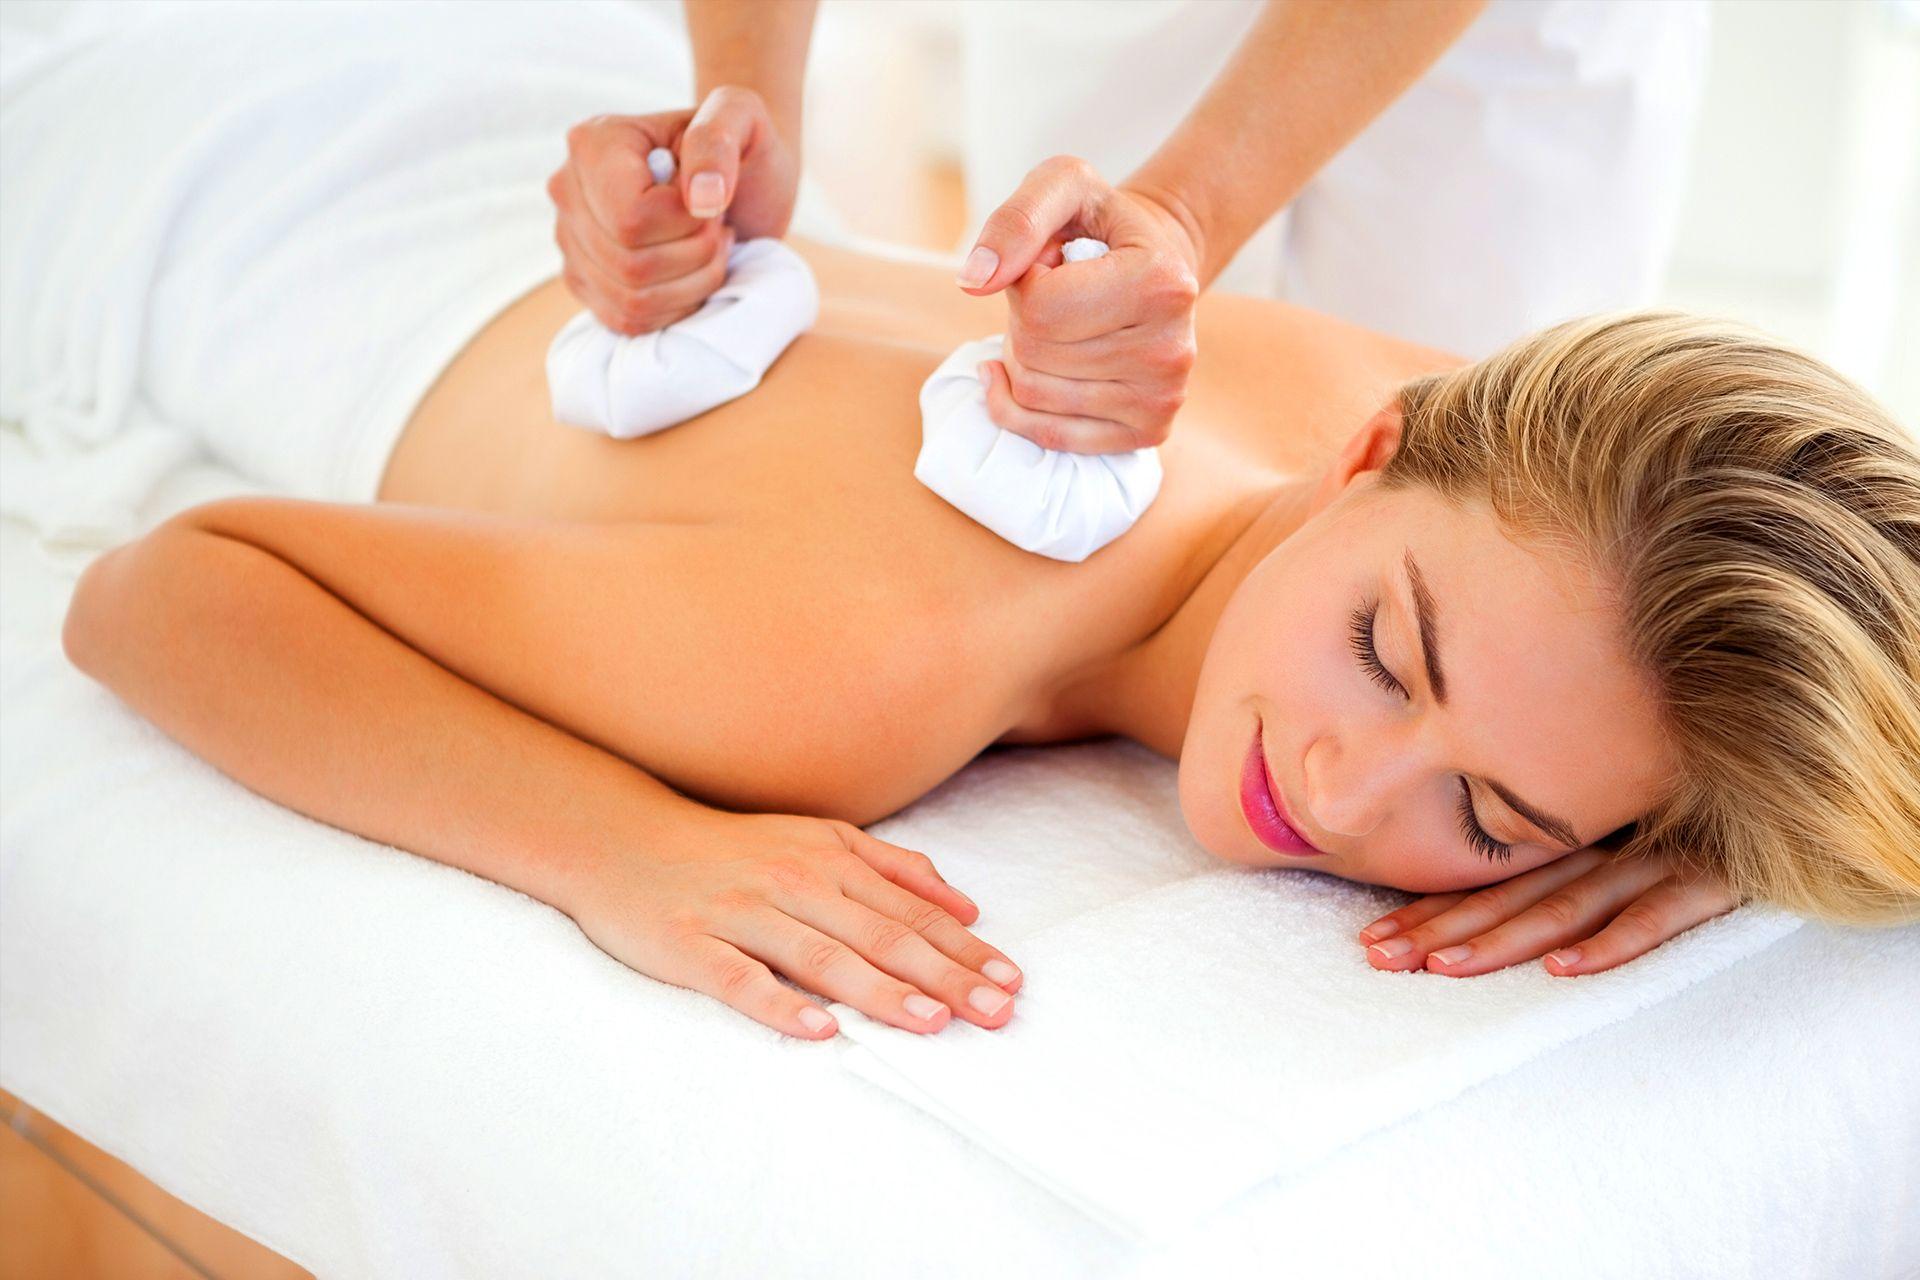 köln massage relax